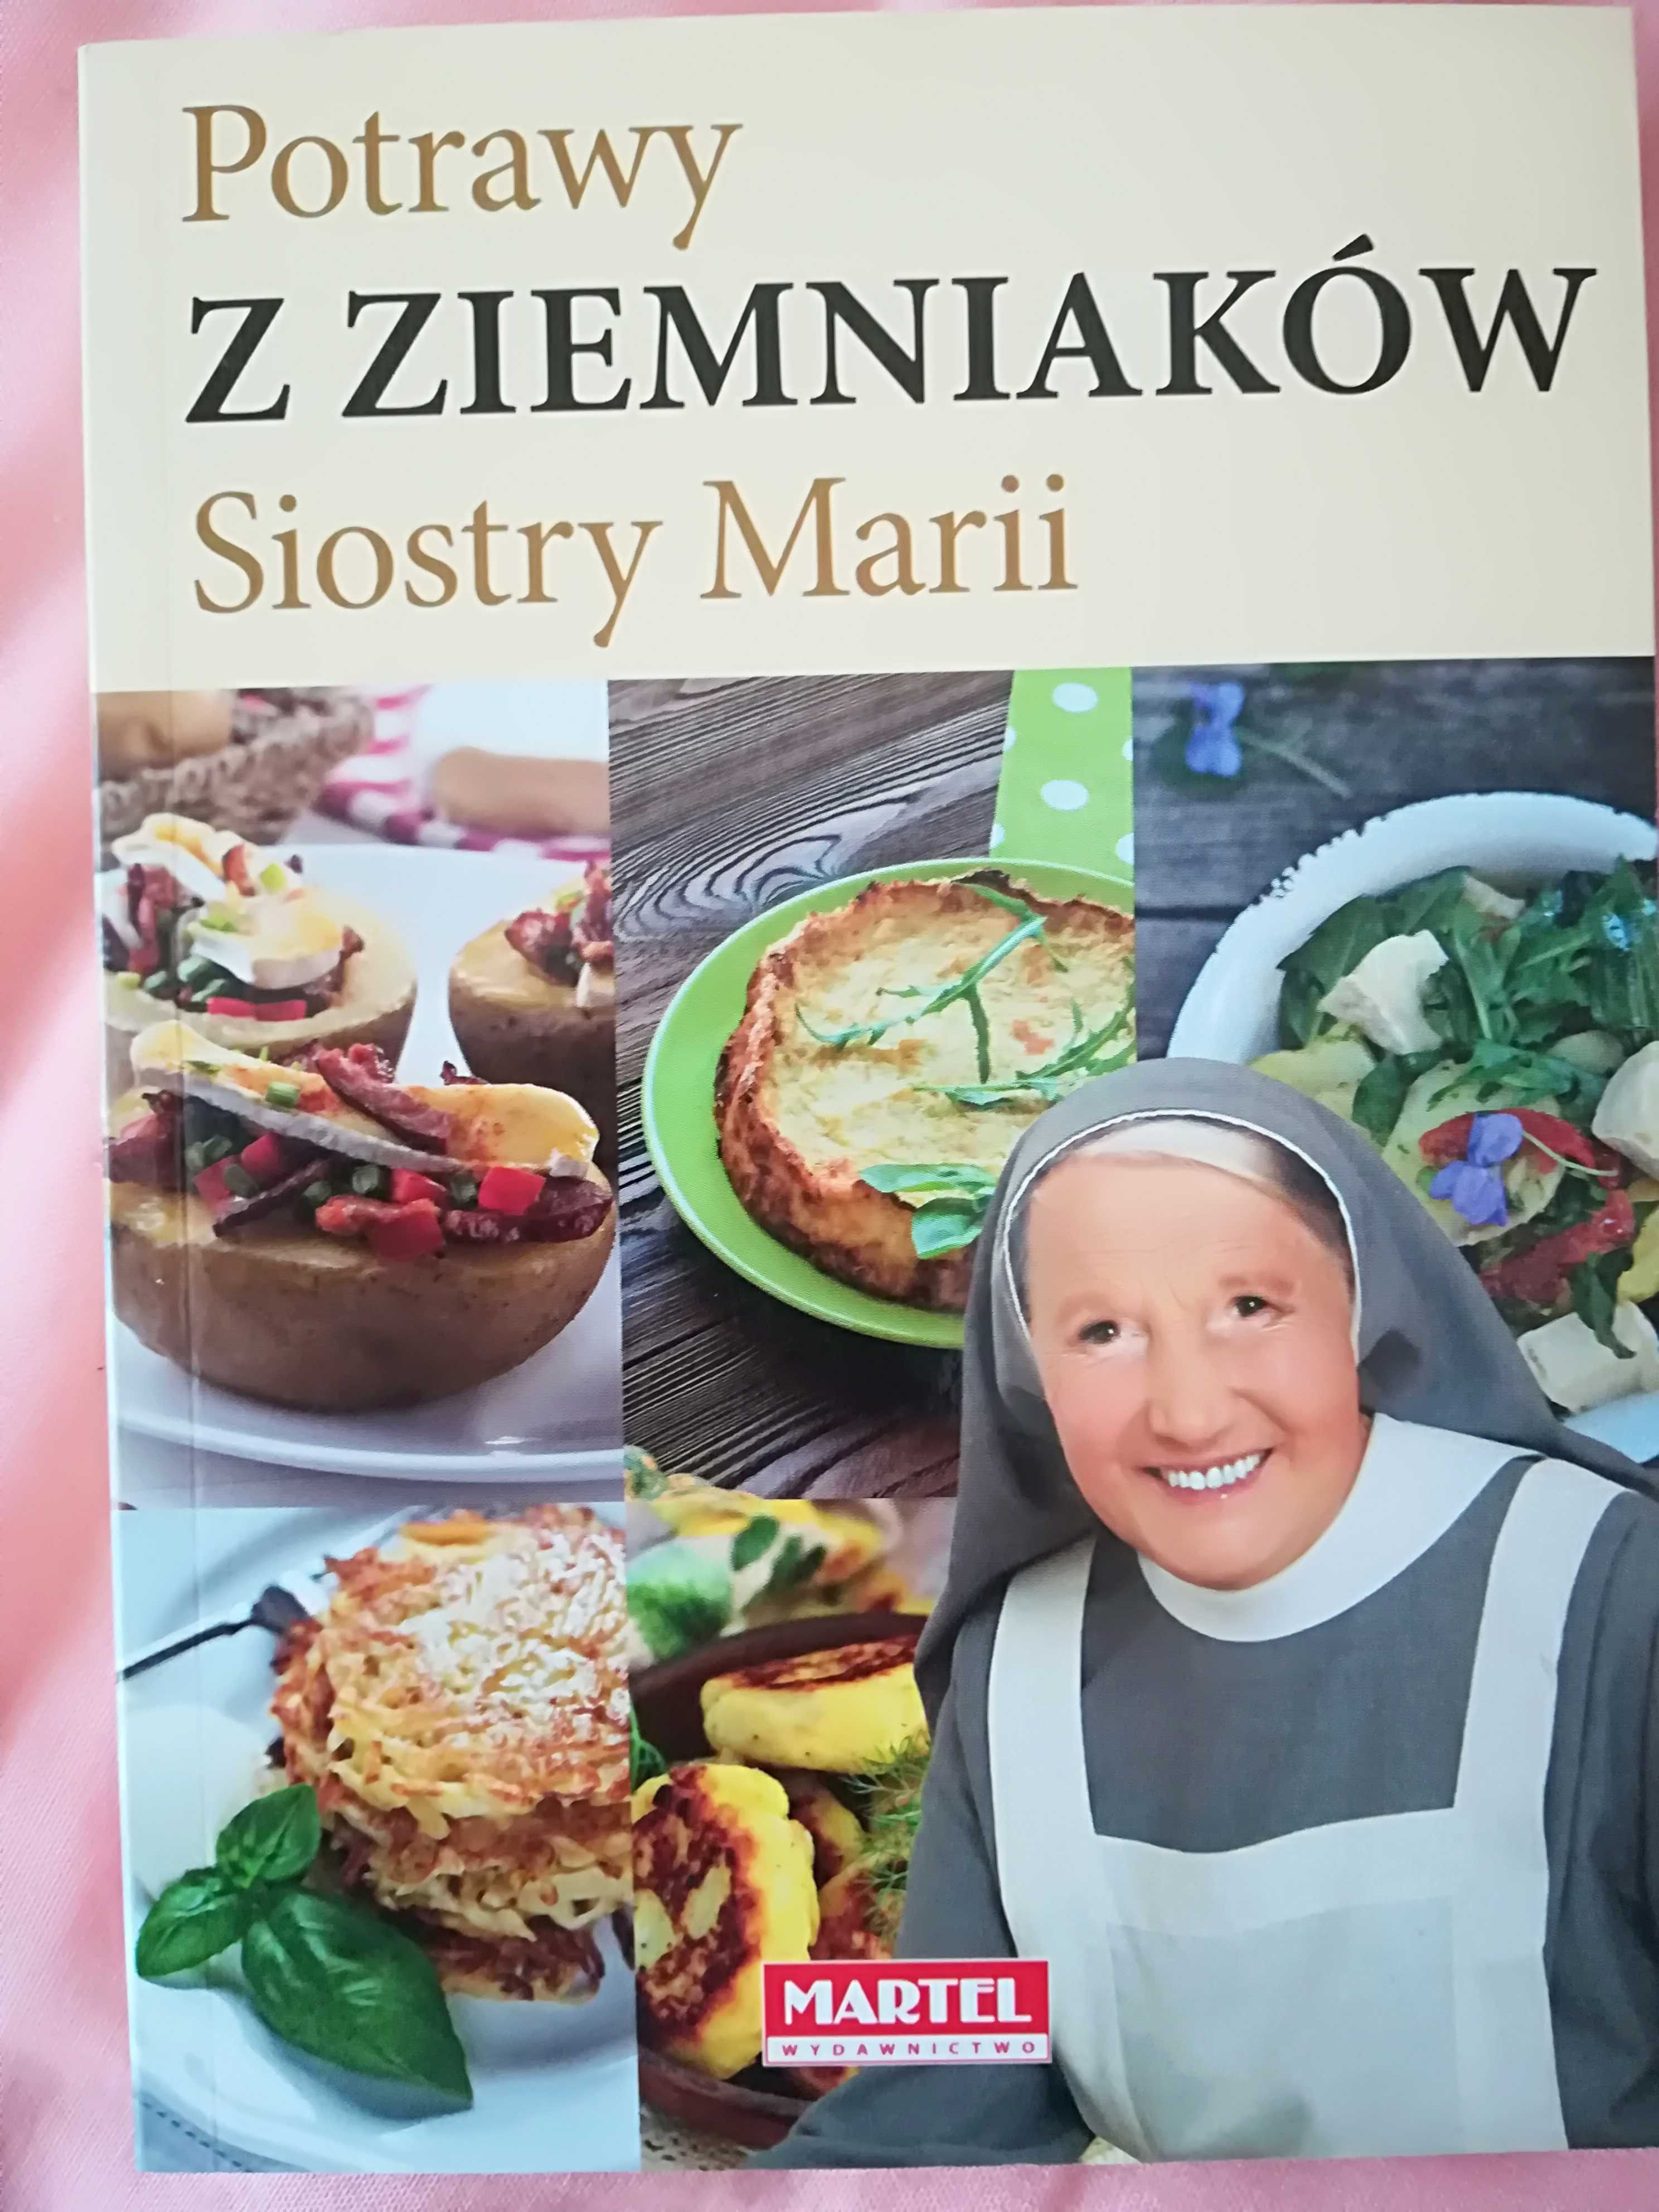 Potrawy z ziemniaków siostry Marii